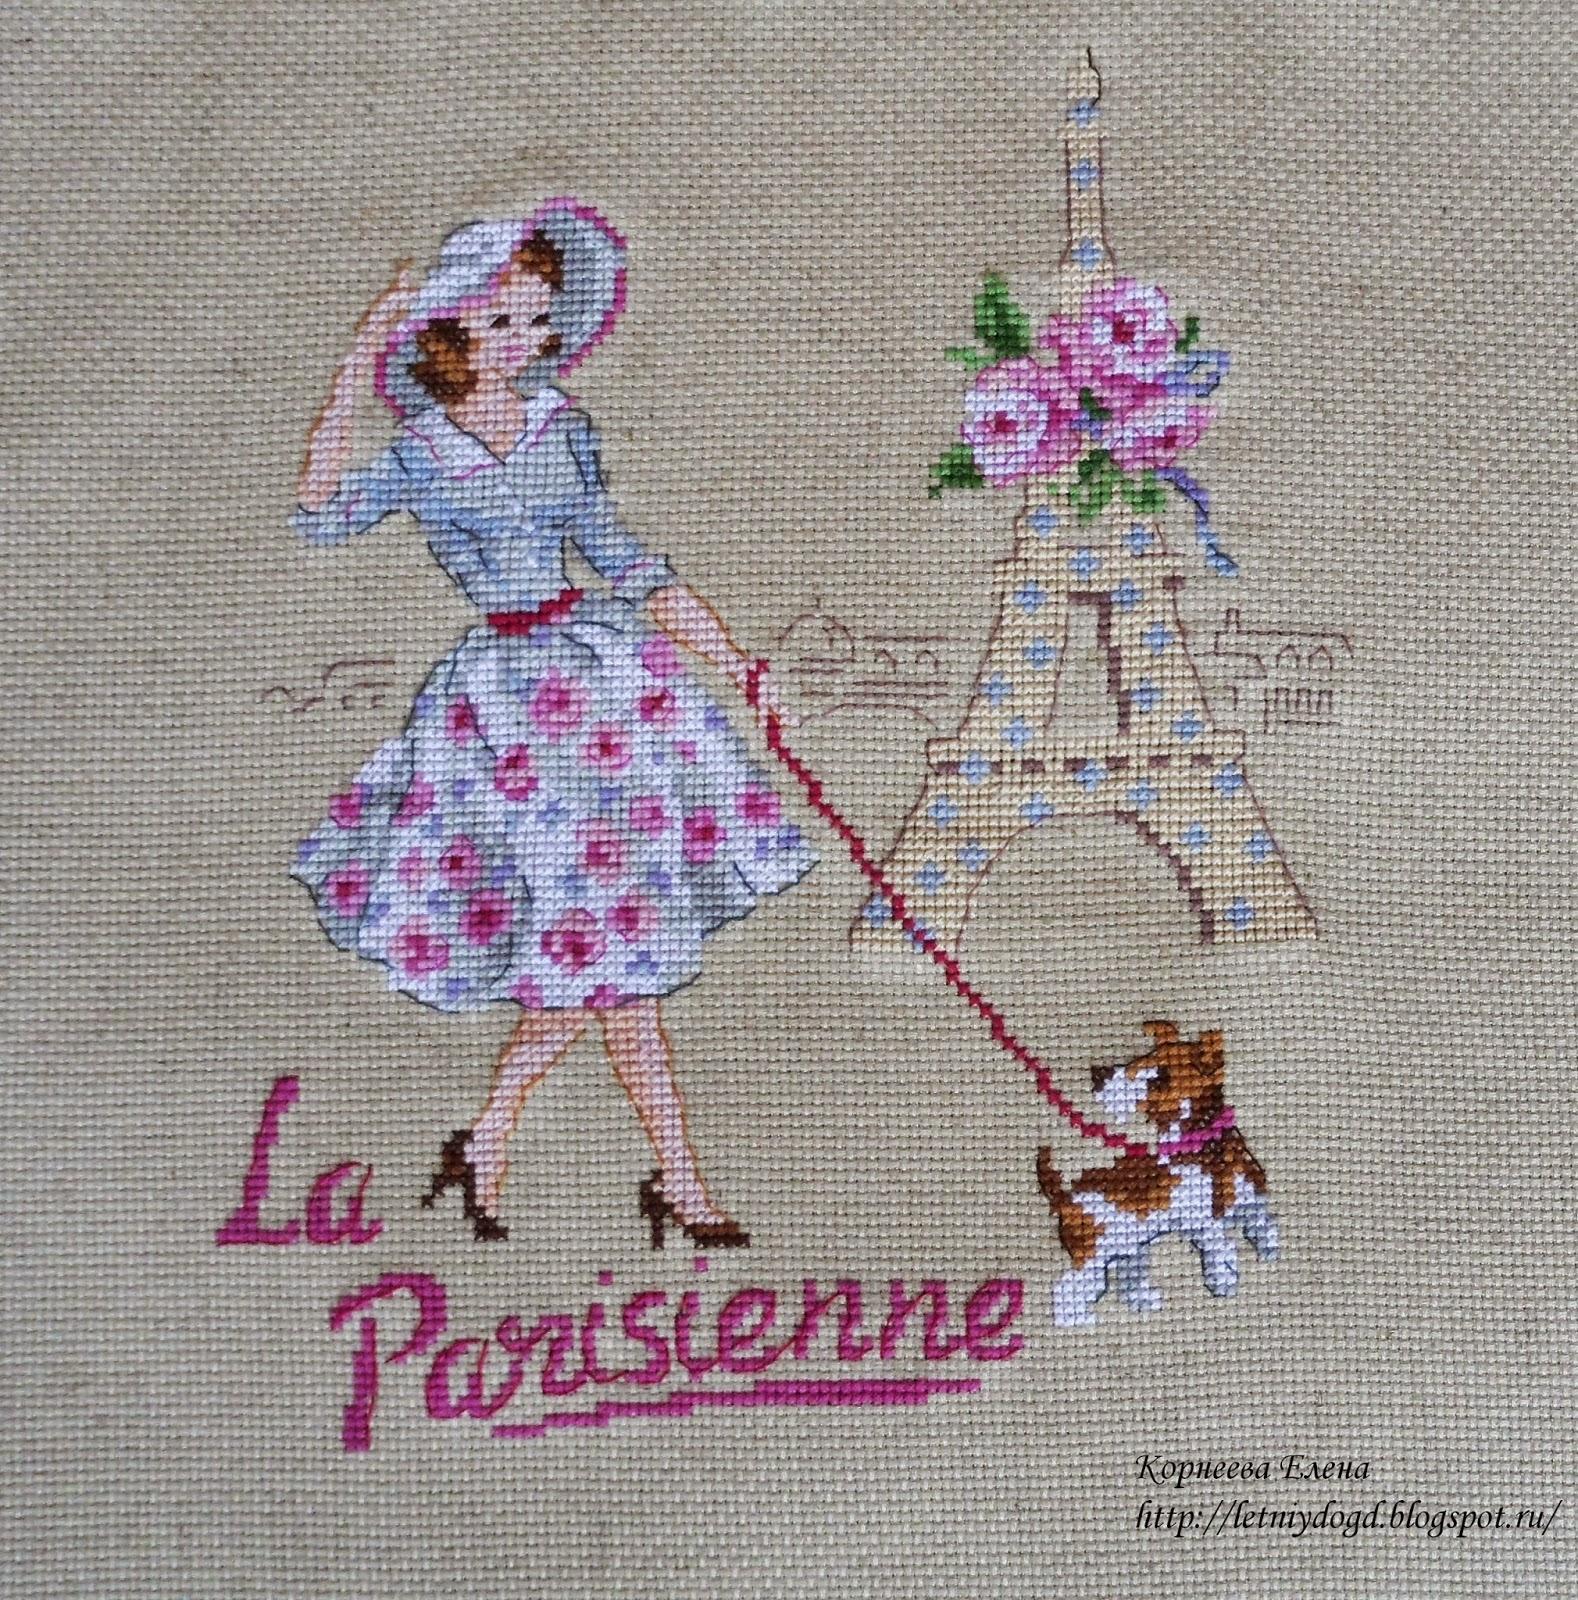 """вышивка крестом """"Парижанка"""" от парижских вышивальщиц"""